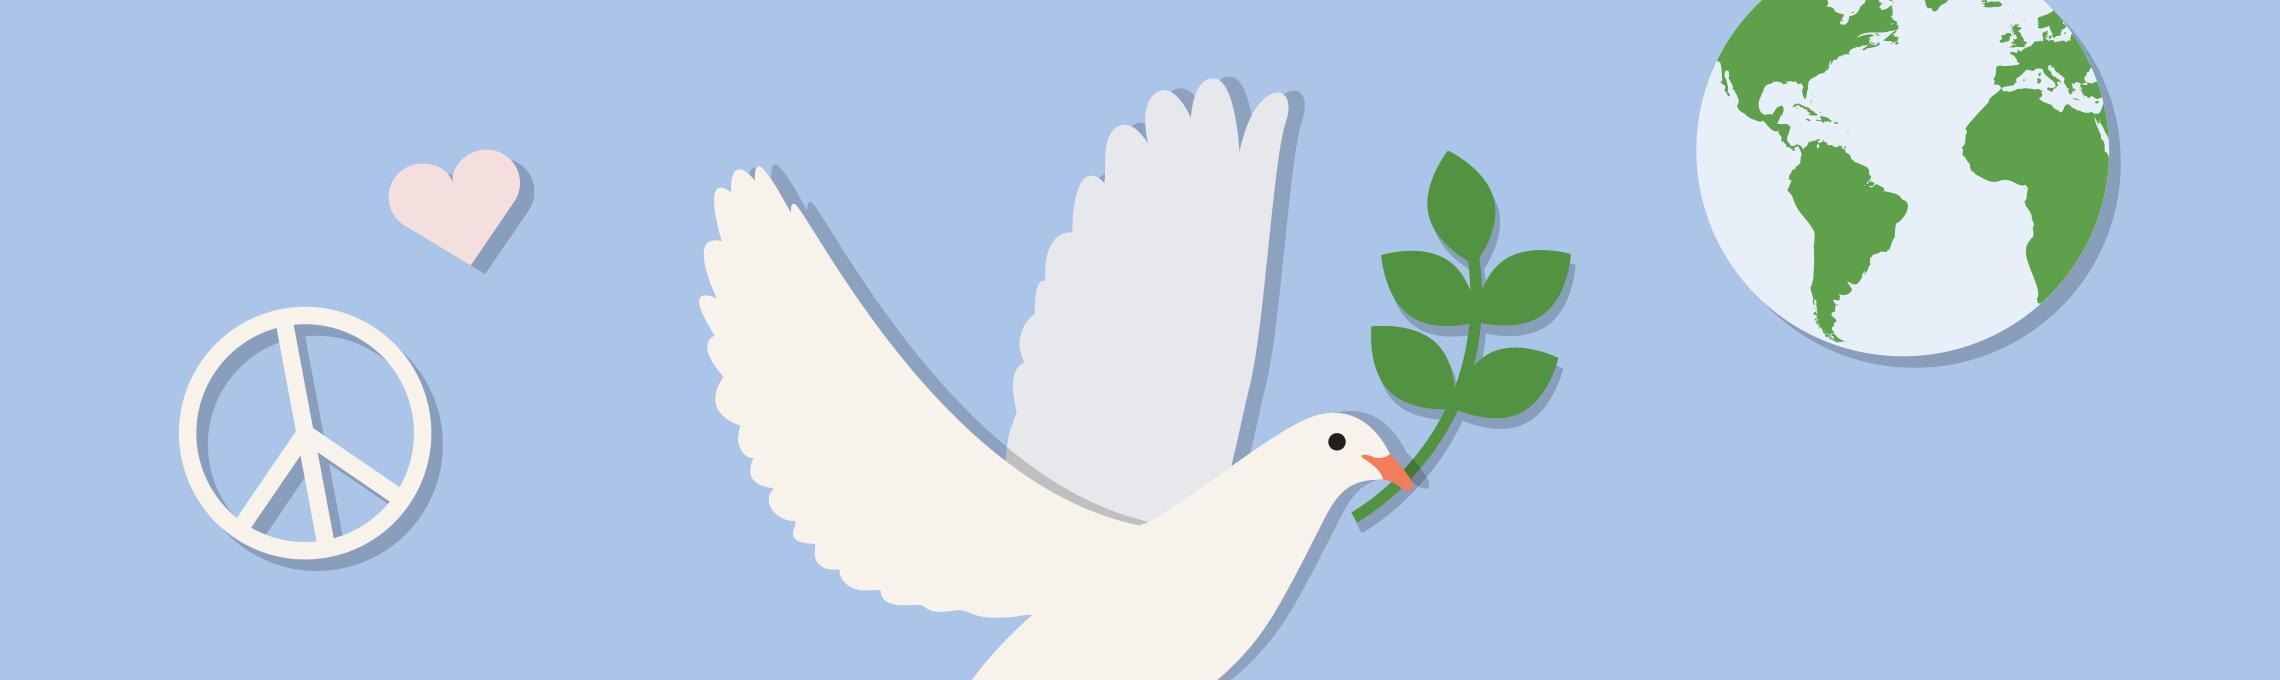 Col peace